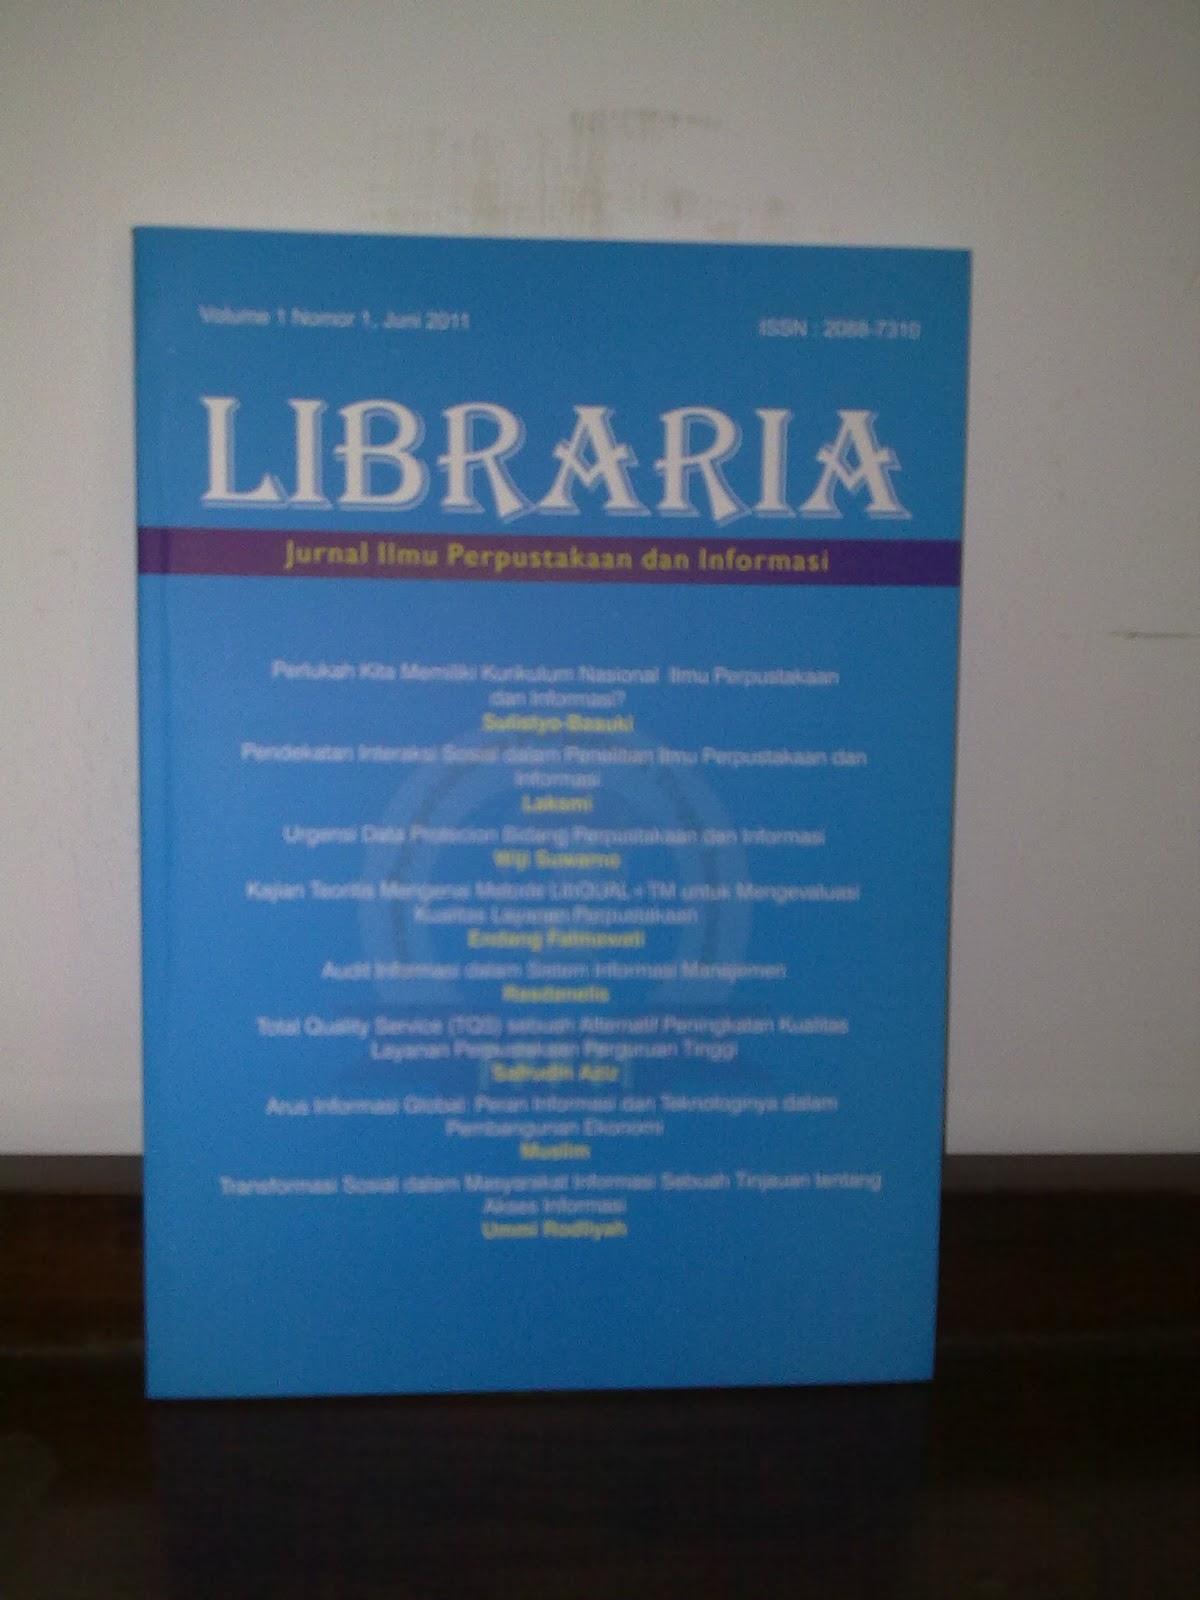 LIBRARIA Jurnal Ilmu Perpustakaan dan Informasi